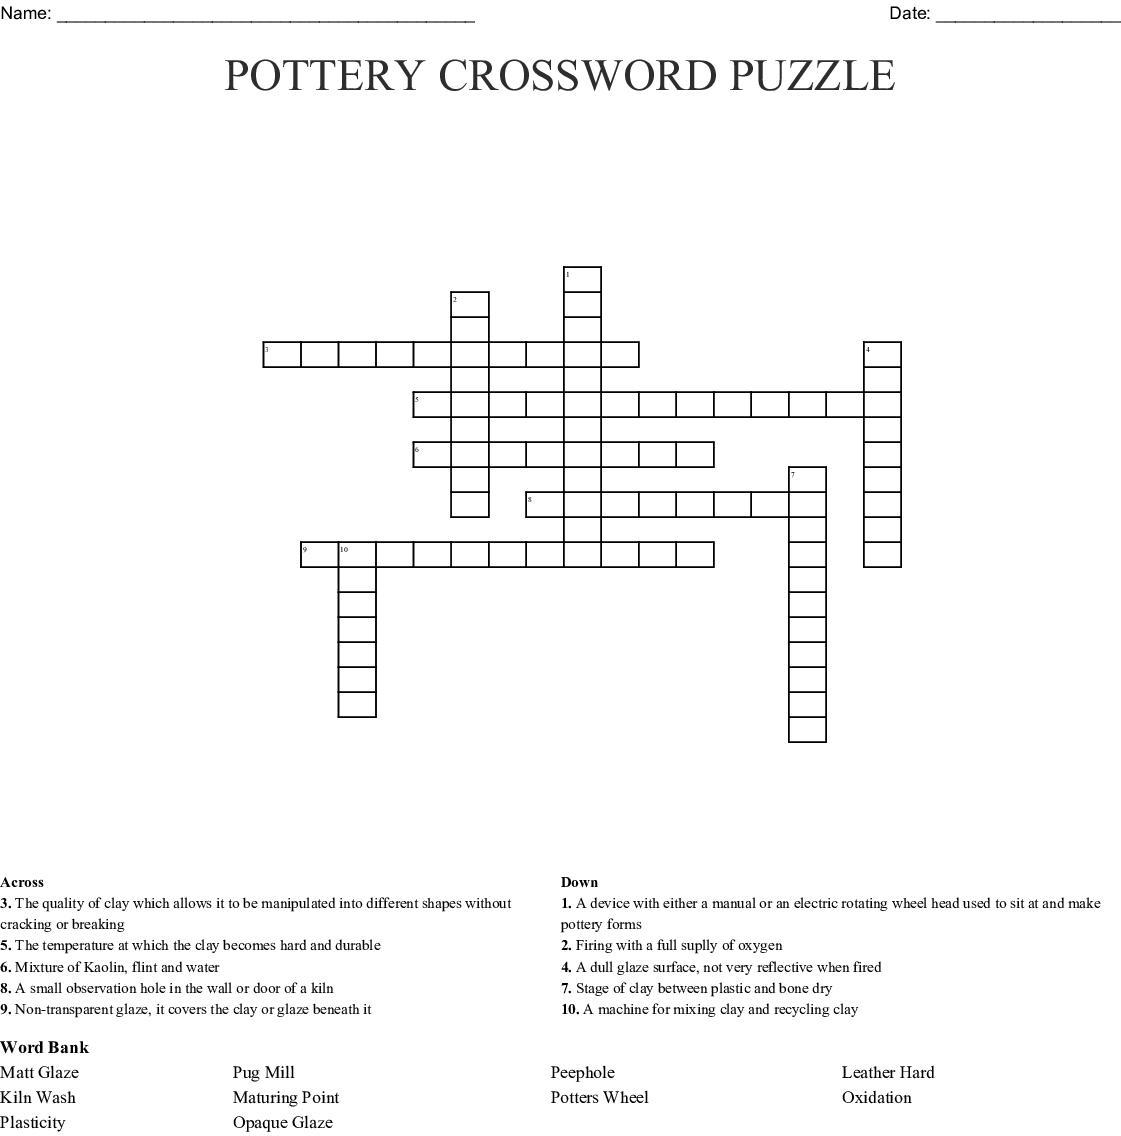 got cracking crossword puzzle